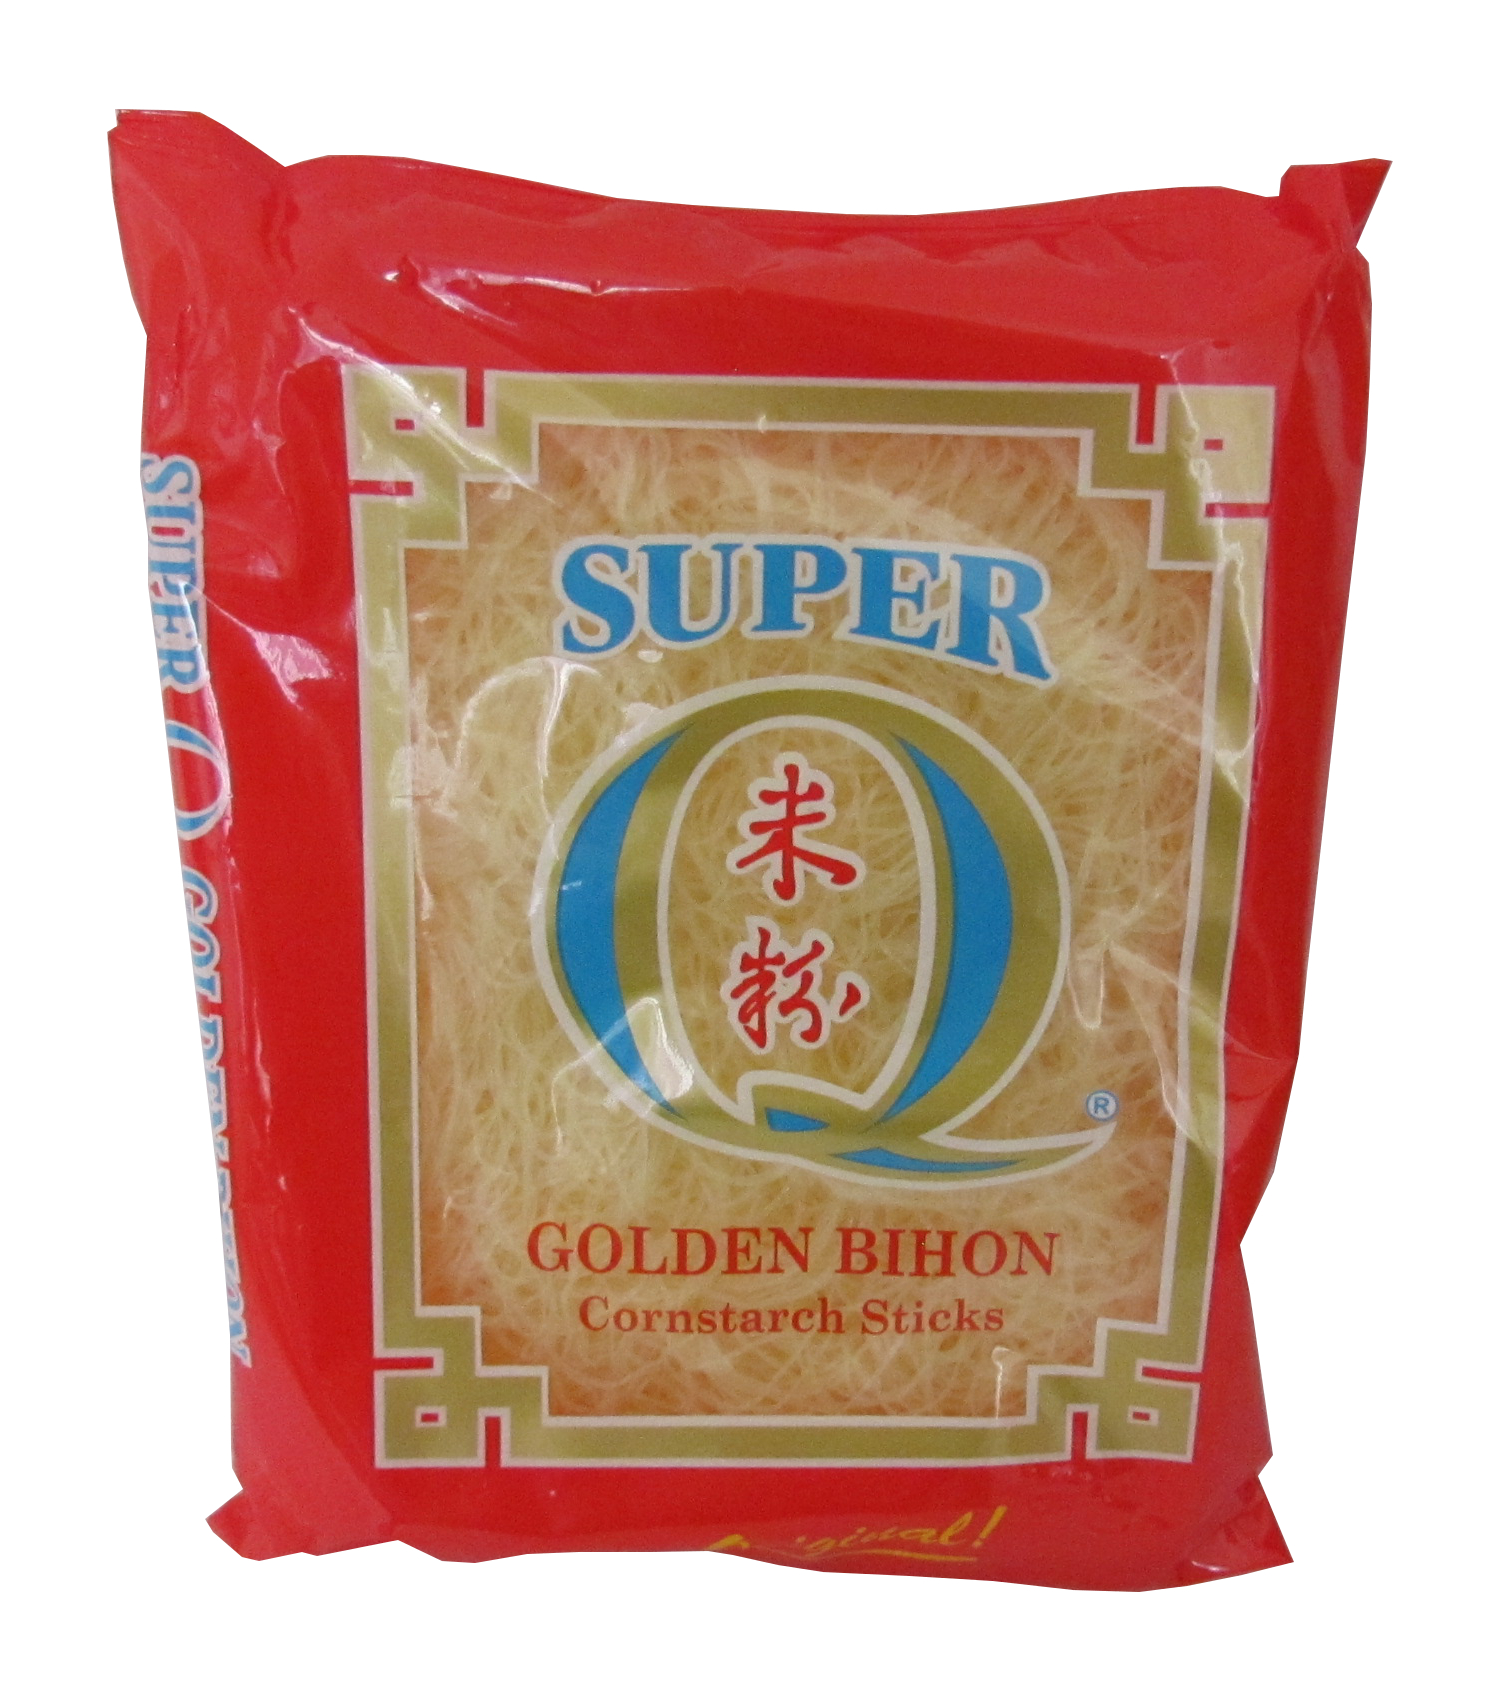 how to cook golden bihon